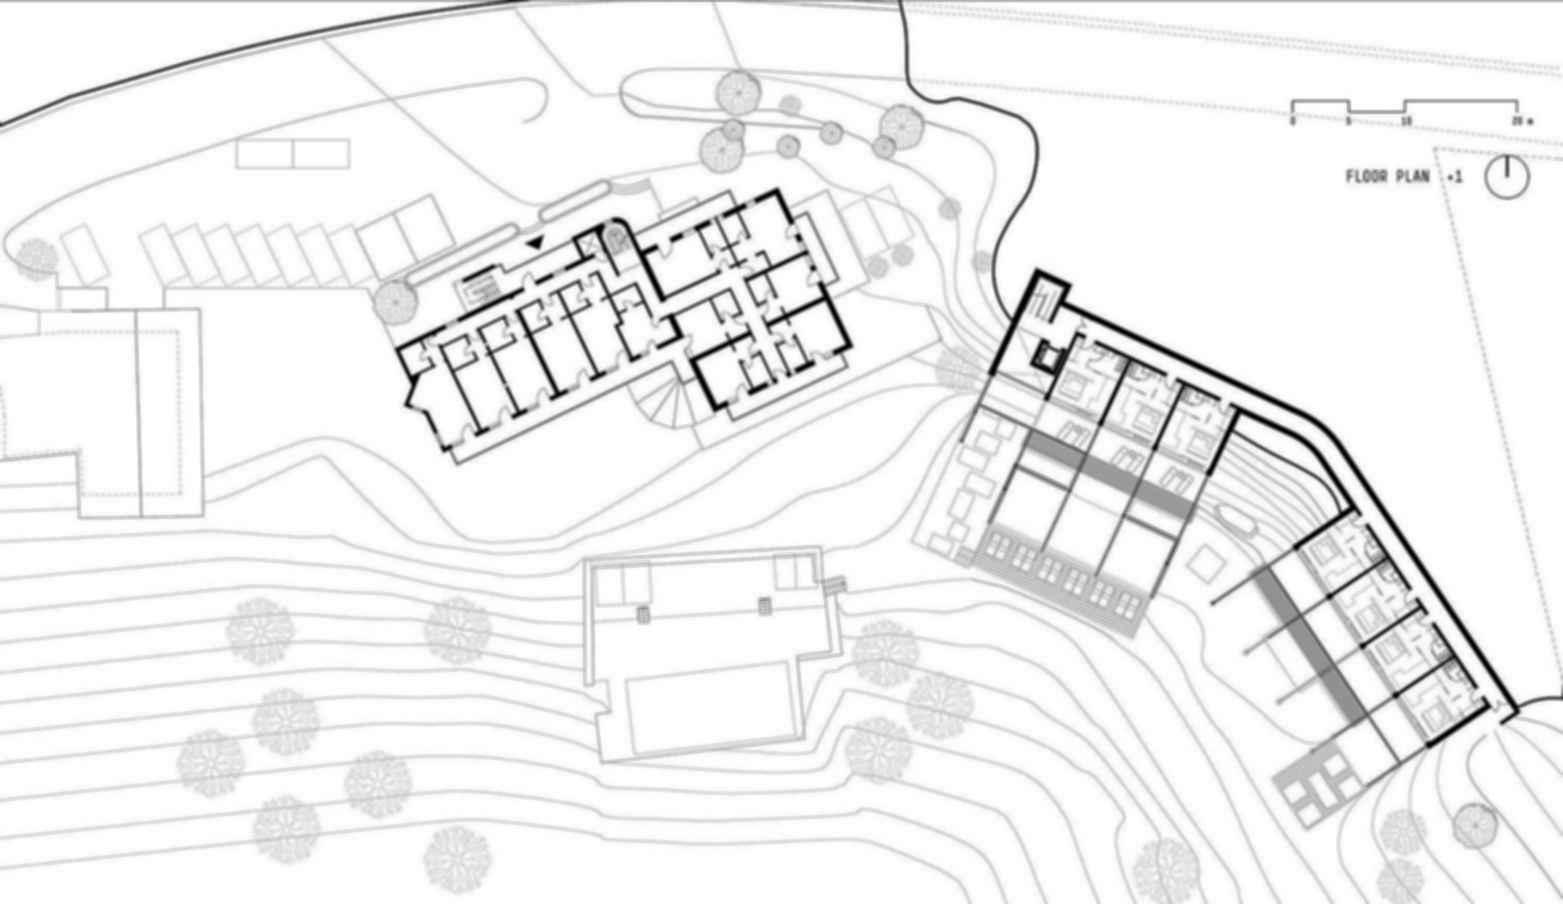 Valentinerhof - Site Plan